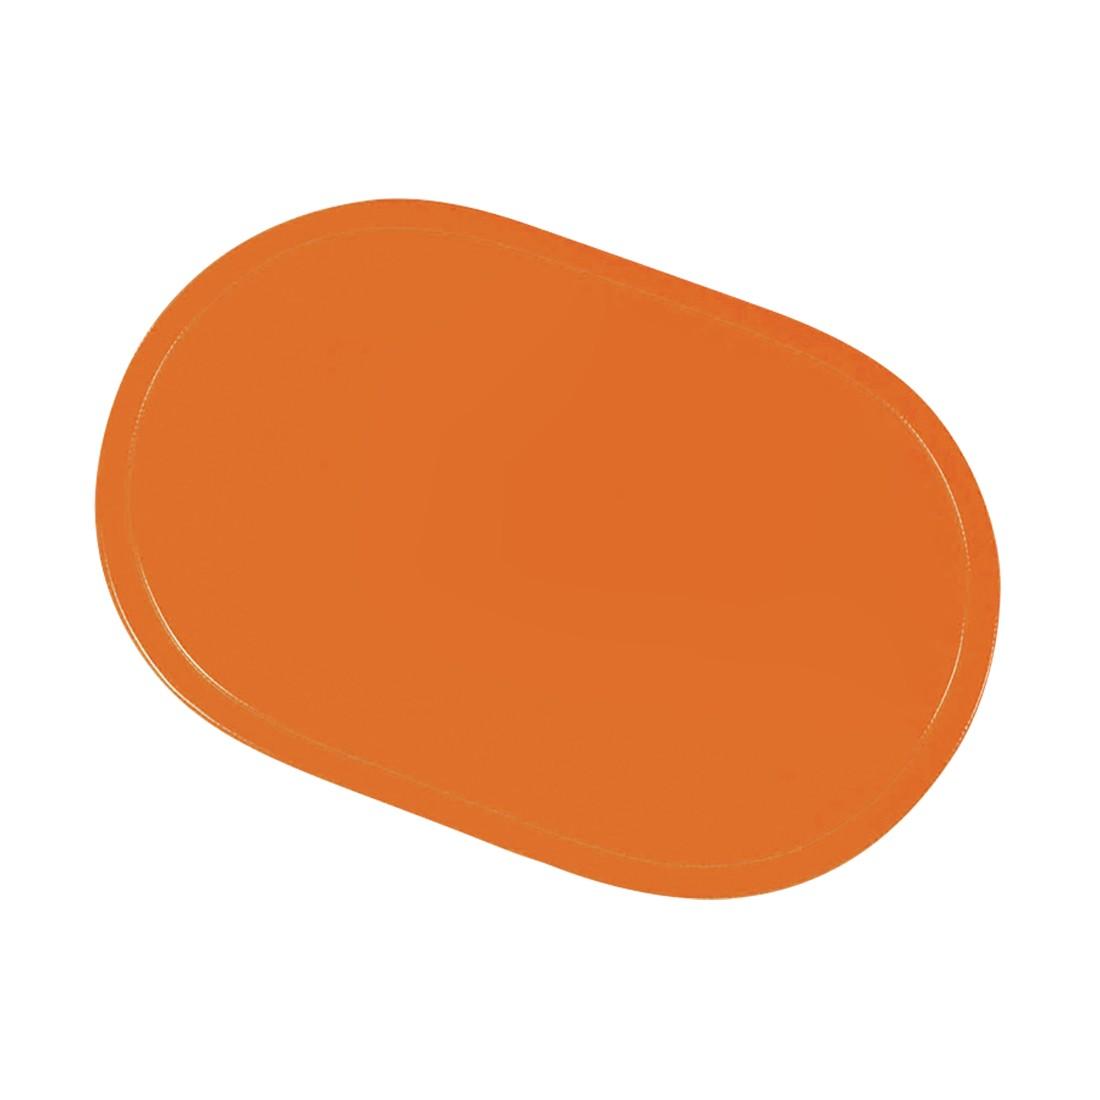 12er-Set Tischset oval – Kunststoff Orange, Saleen günstig kaufen